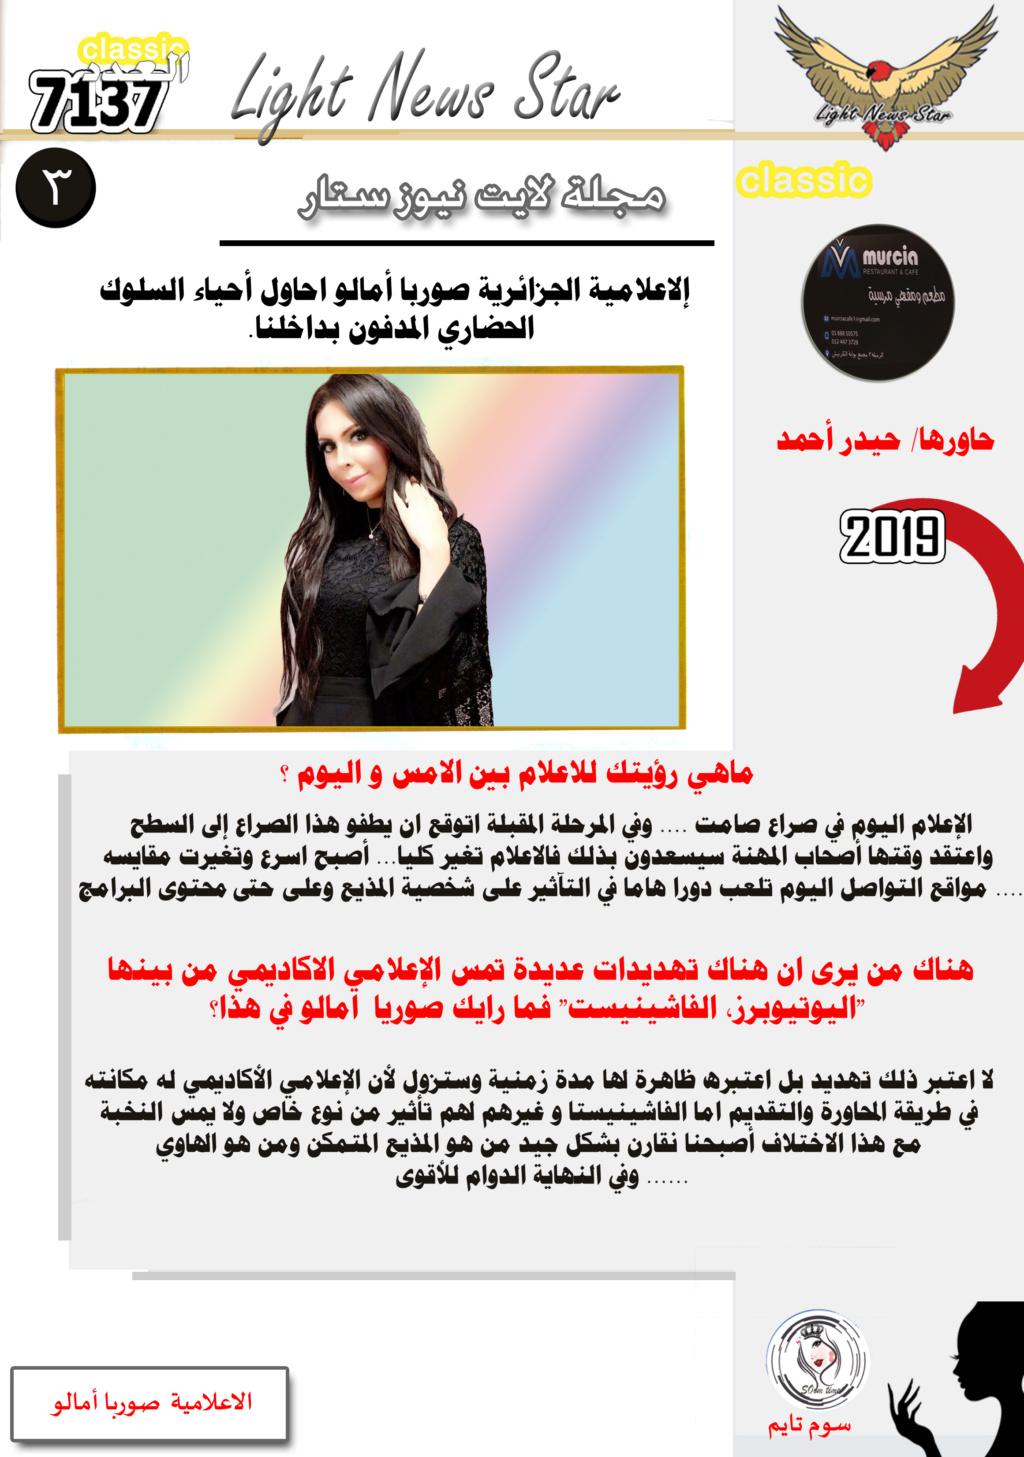 أخبار نجوم الفن والمشاهير 7137 light news star من المصدر l الاعلامية الجزائرية  صوريا أمالو الإعلام  اليوم في صراع صامت و سأرتبط بخيرة الرجال A315